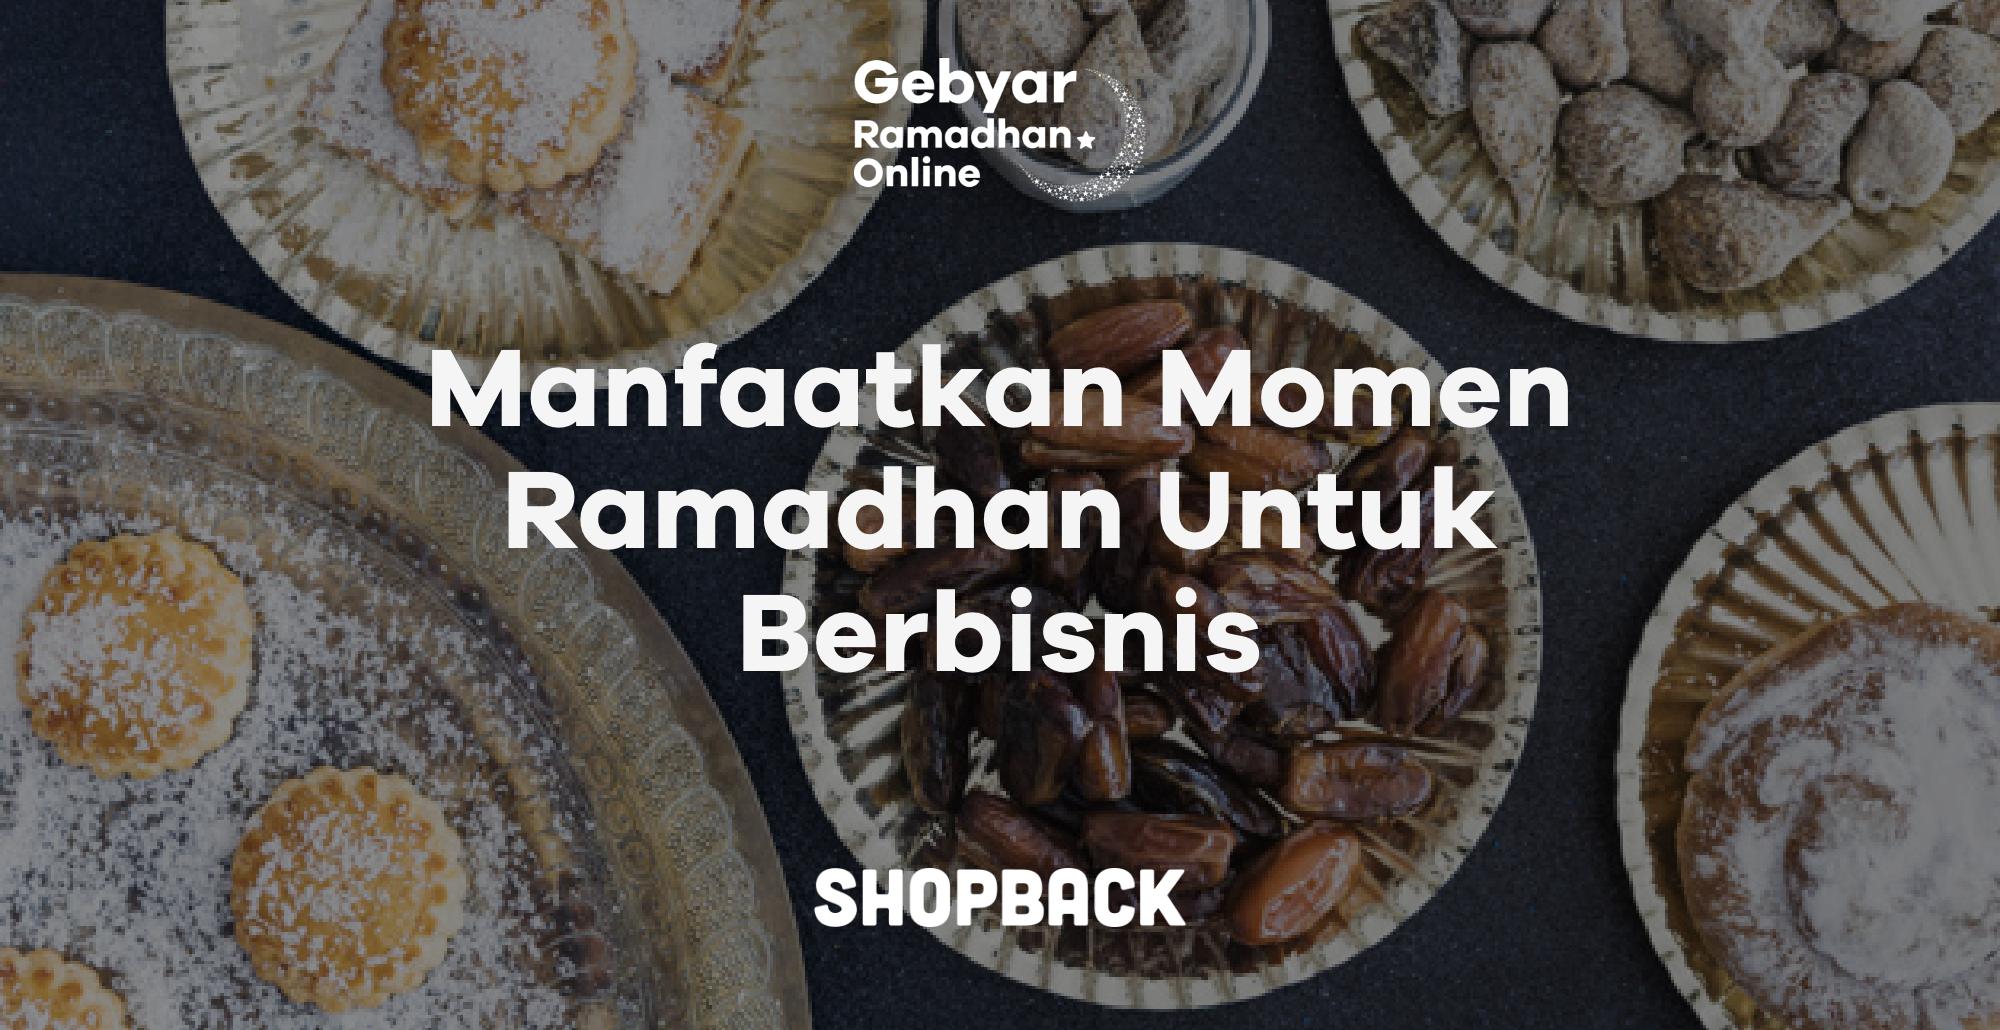 15 Ide Bisnis Ramadhan Ini Bisa Jadi Peluang Usaha Yang Menguntungkan